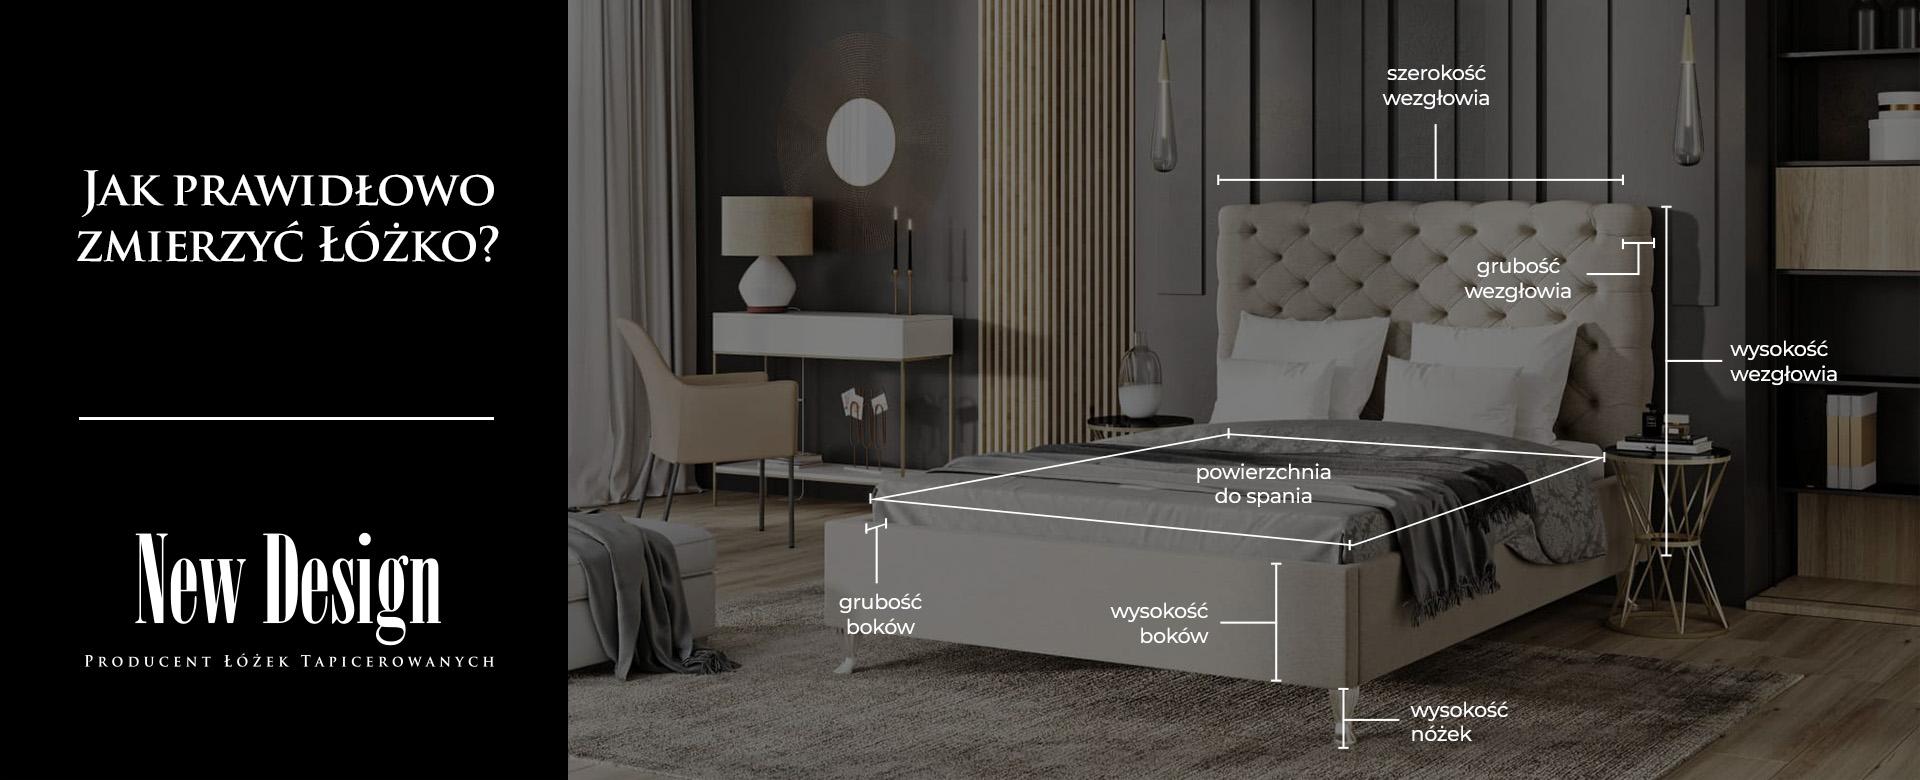 Jak prawidłowo zmierzyć łóżko?